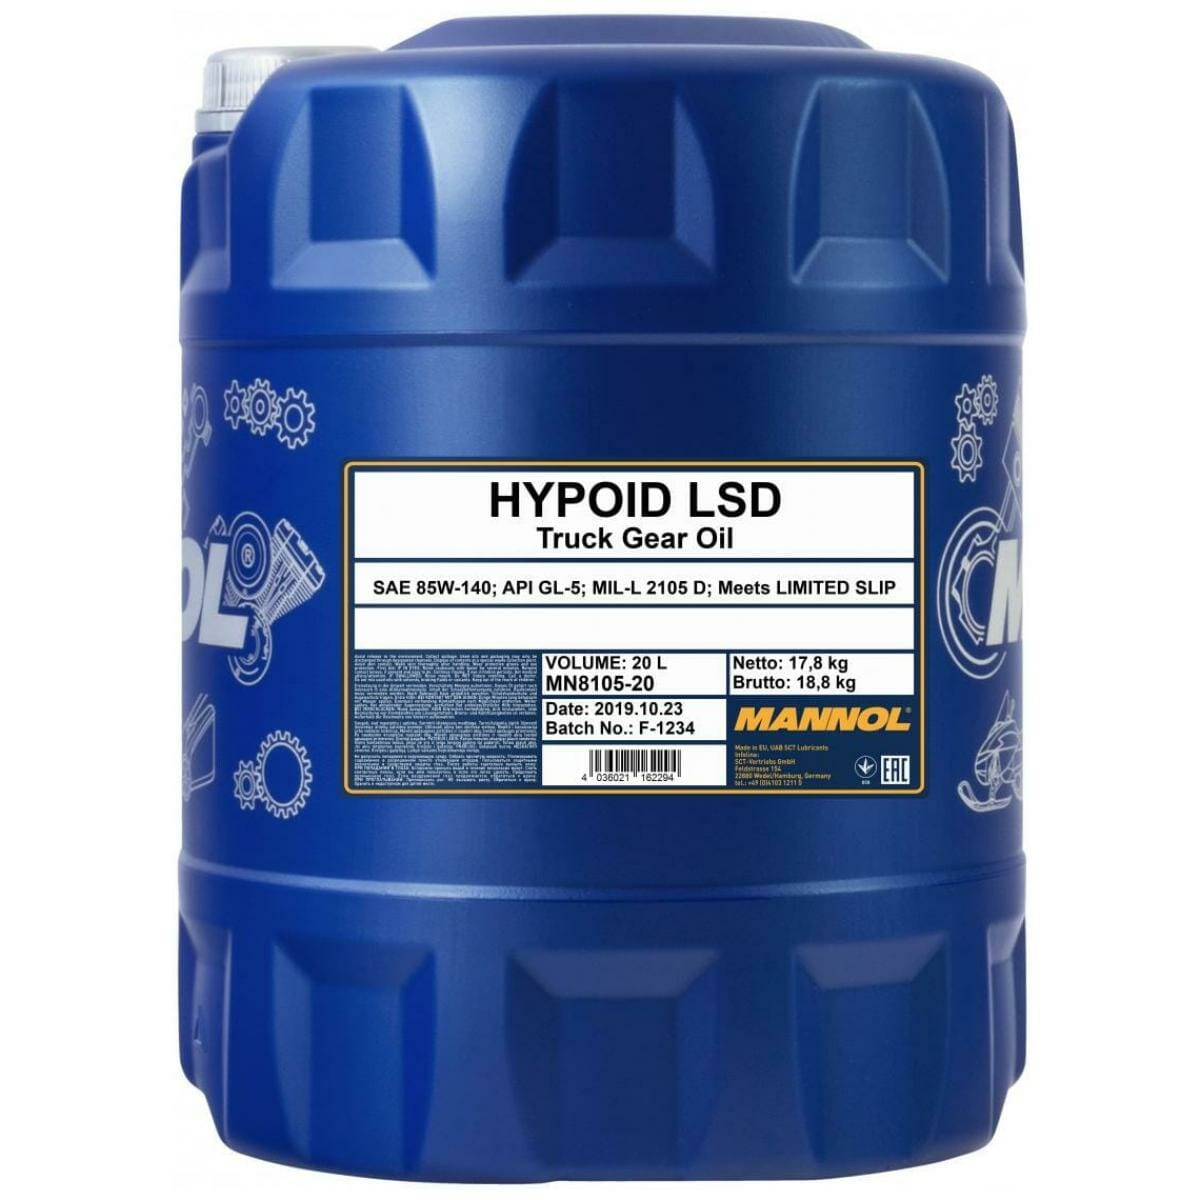 HYPOID LSD 85W-140